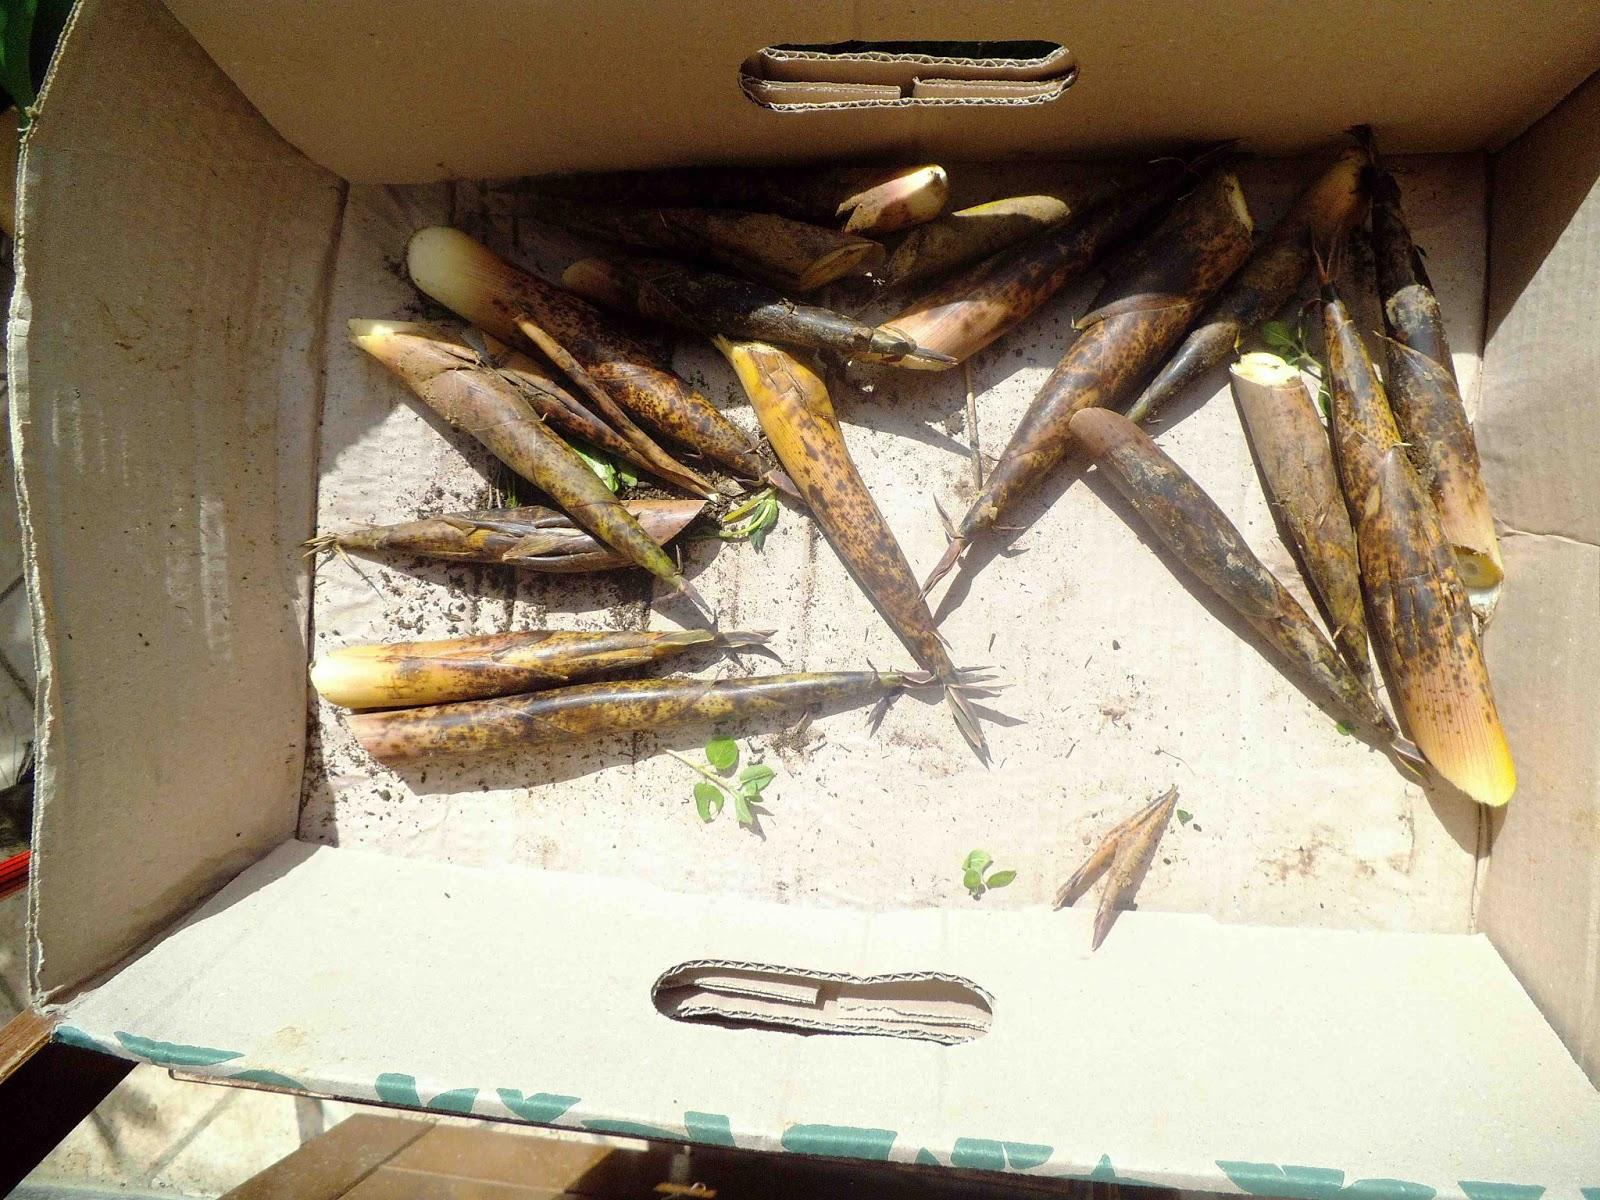 Ortoinsorto semi digitali germogli di bambu 39 for Semi di bambu